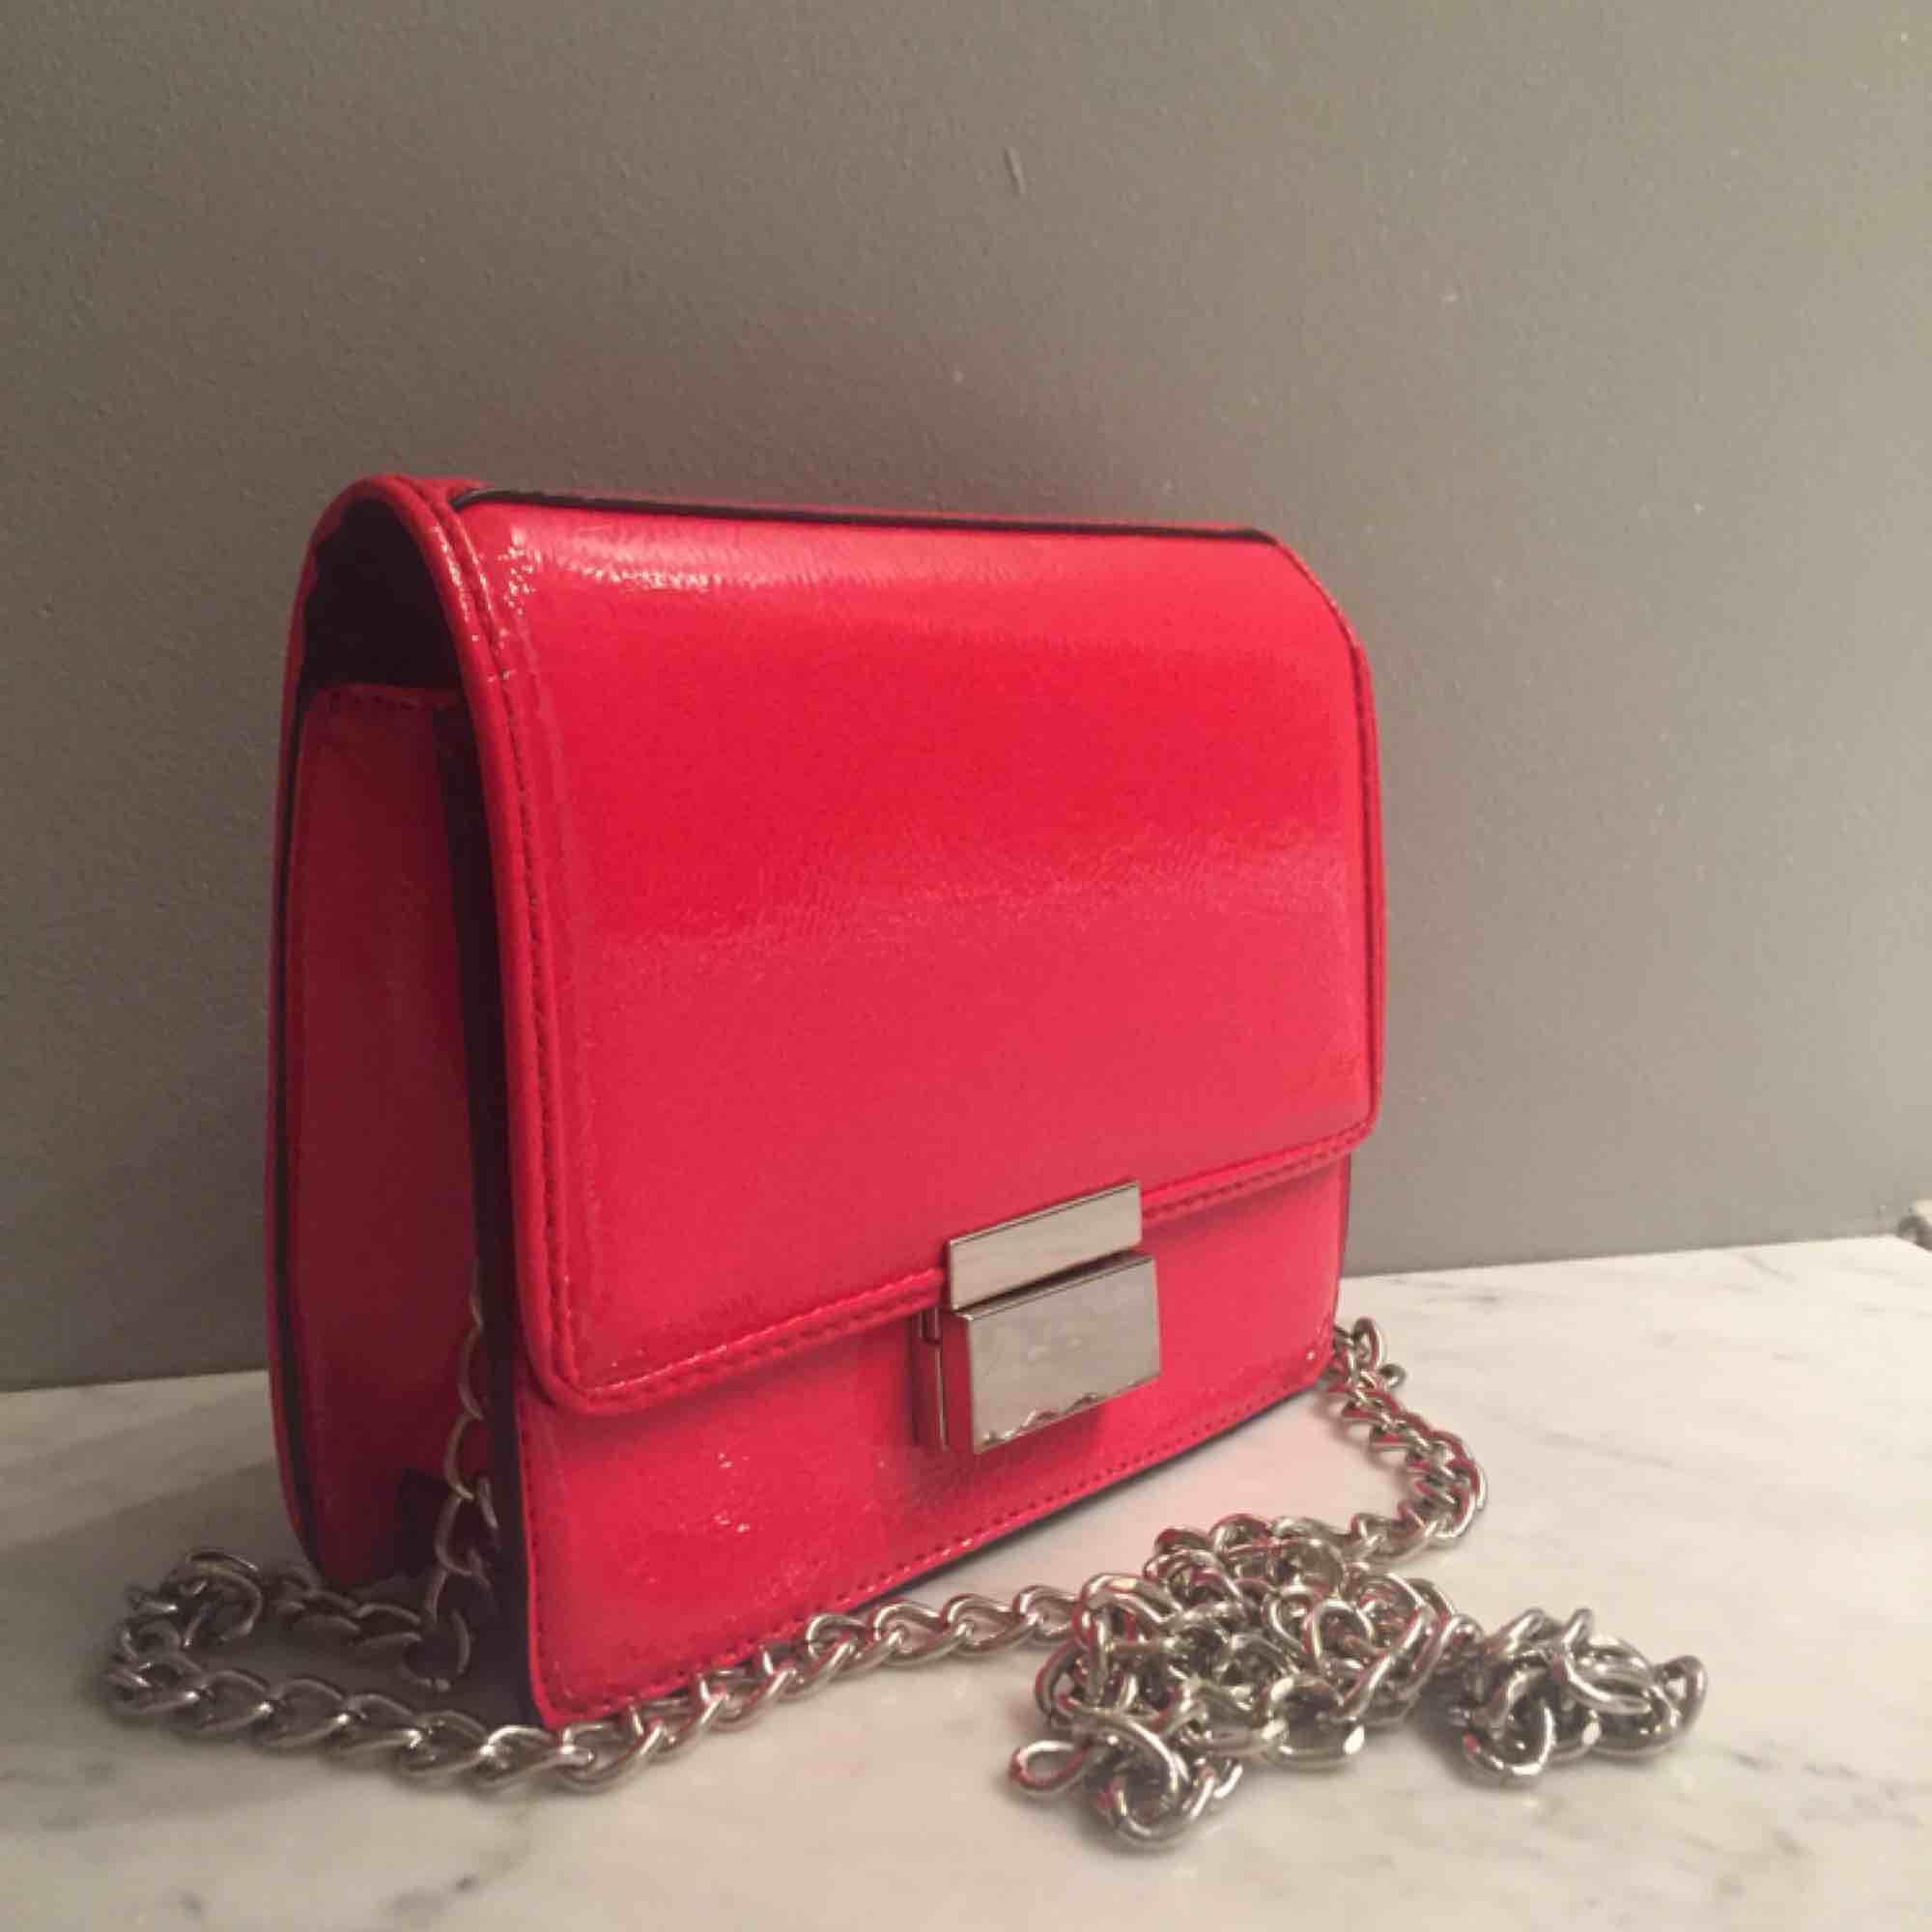 Fin röd lackad väska i bra skick! 16,5 x 13,5 cm med silverdetaljer. Kedjan är ca 140cm lång alltså crossbody väska! ☺️. Väskor.